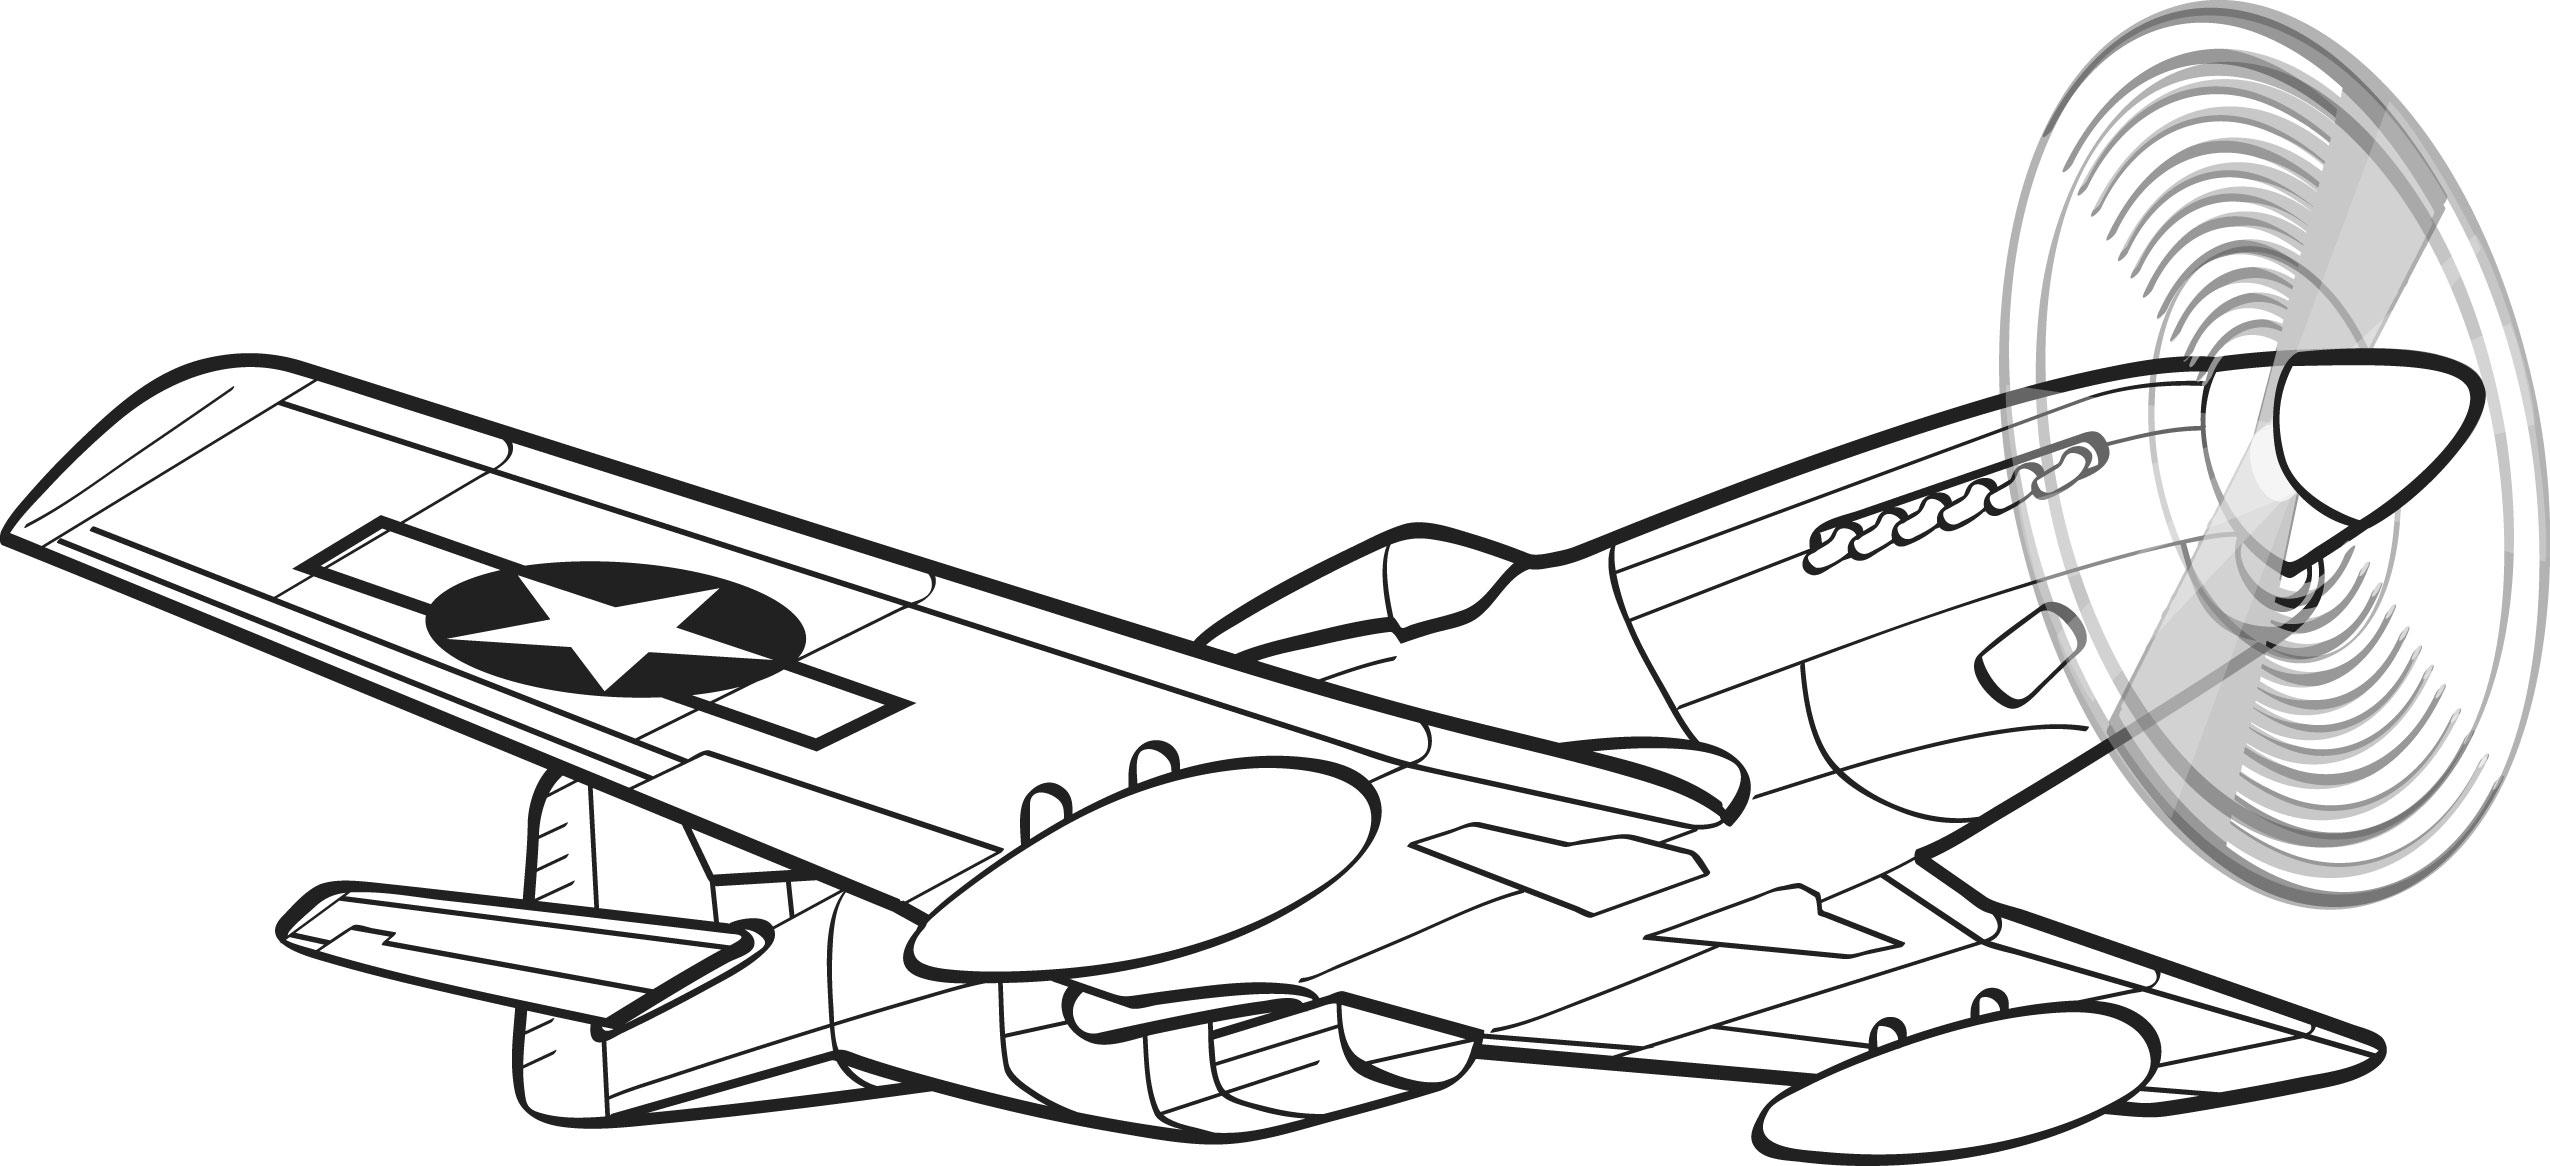 Aircraft Line Drawing At Getdrawings